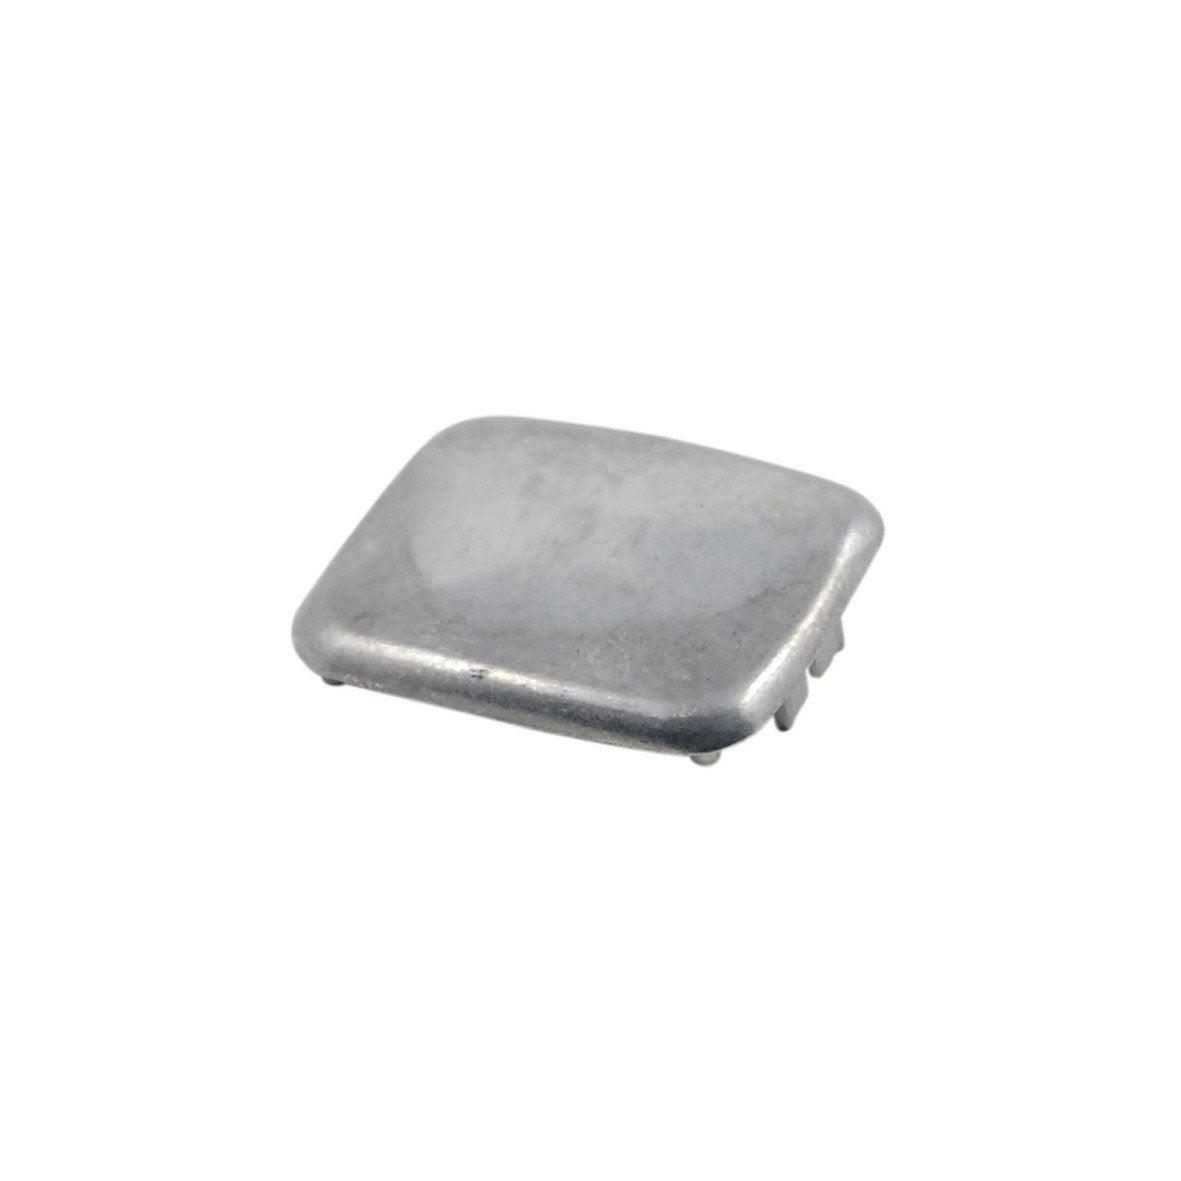 chapeau pour poteau premium en aluminium fixer leroy merlin. Black Bedroom Furniture Sets. Home Design Ideas